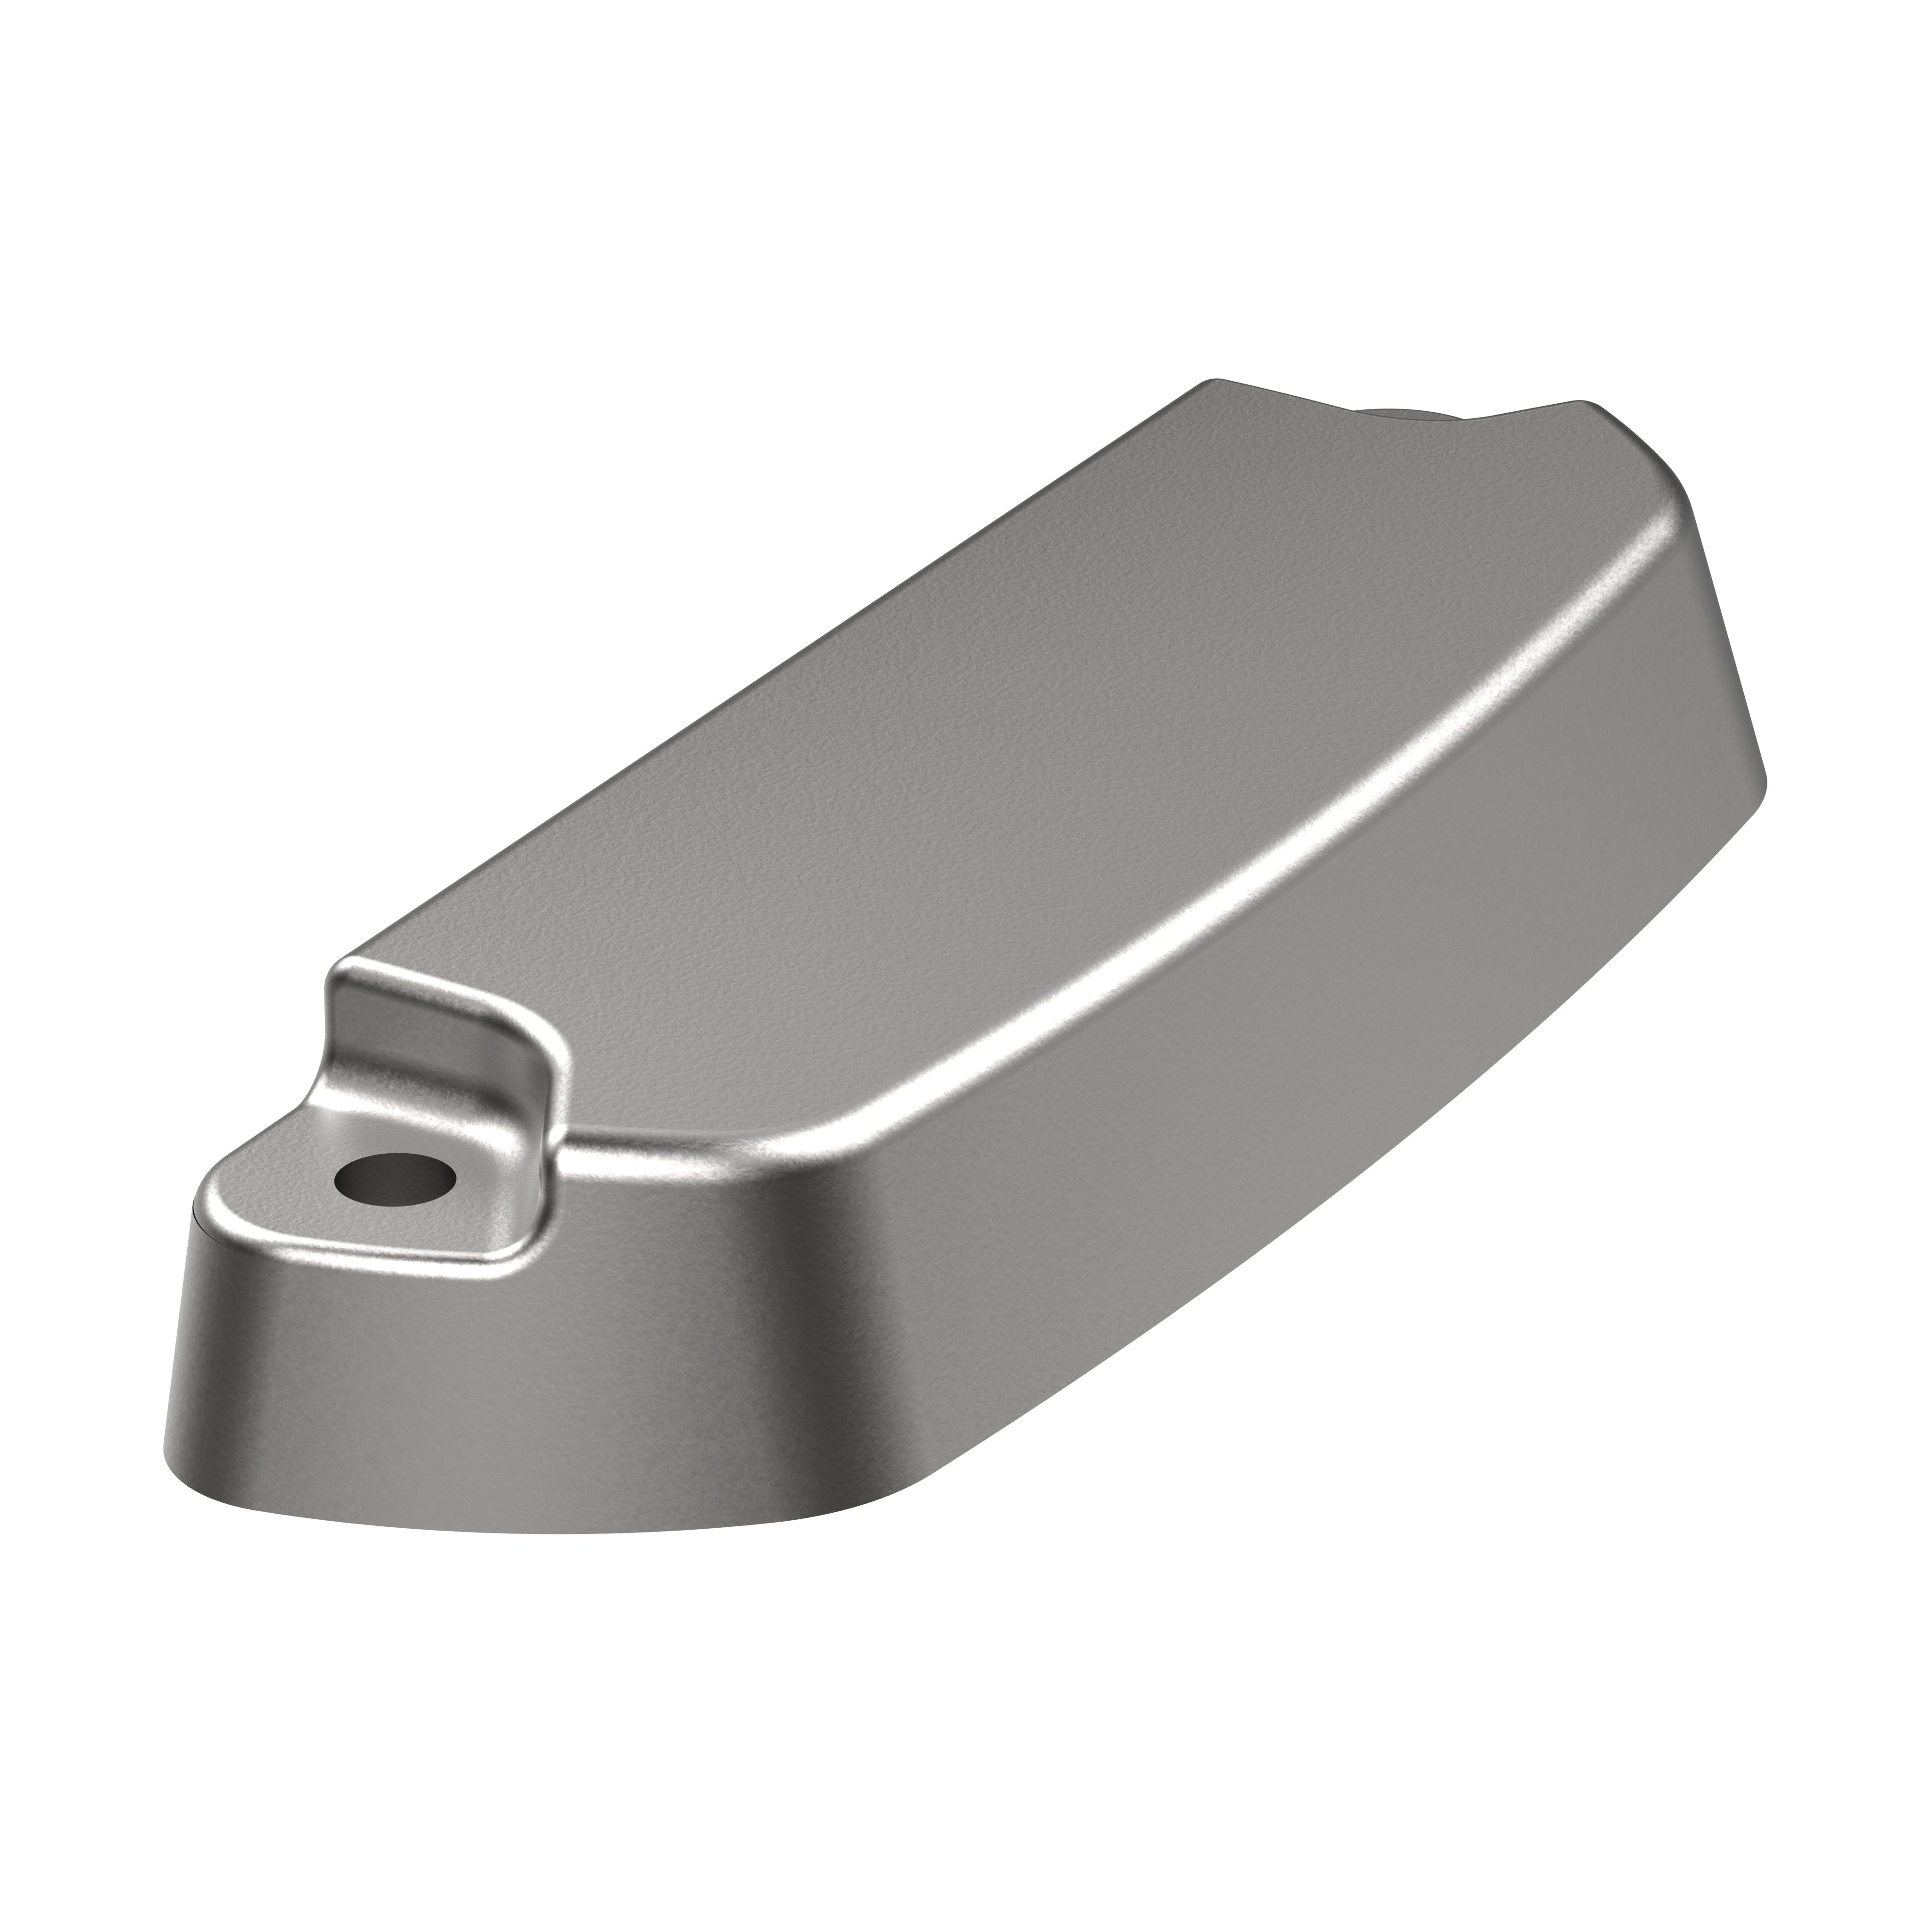 Betätiger für Sicherheitssensoren - 30426112S - Zubehör Baureihe 165